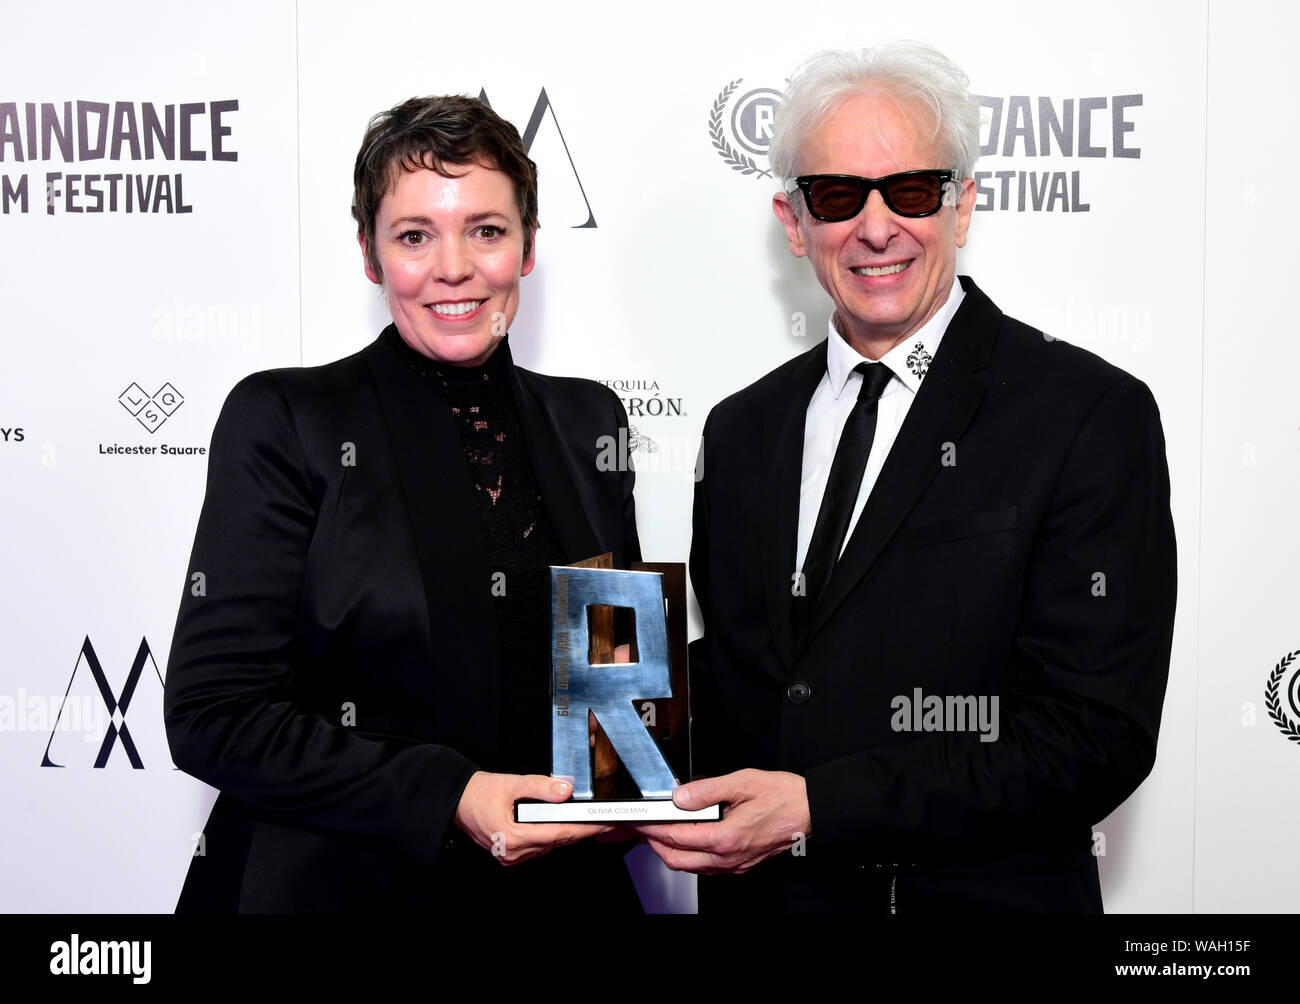 Elliot Grove (derecha) presenta Olivia Colman con el Raindance icono 2019 Premio durante el Raindance Film Festival 2019 celebrado en Londres. Foto de stock